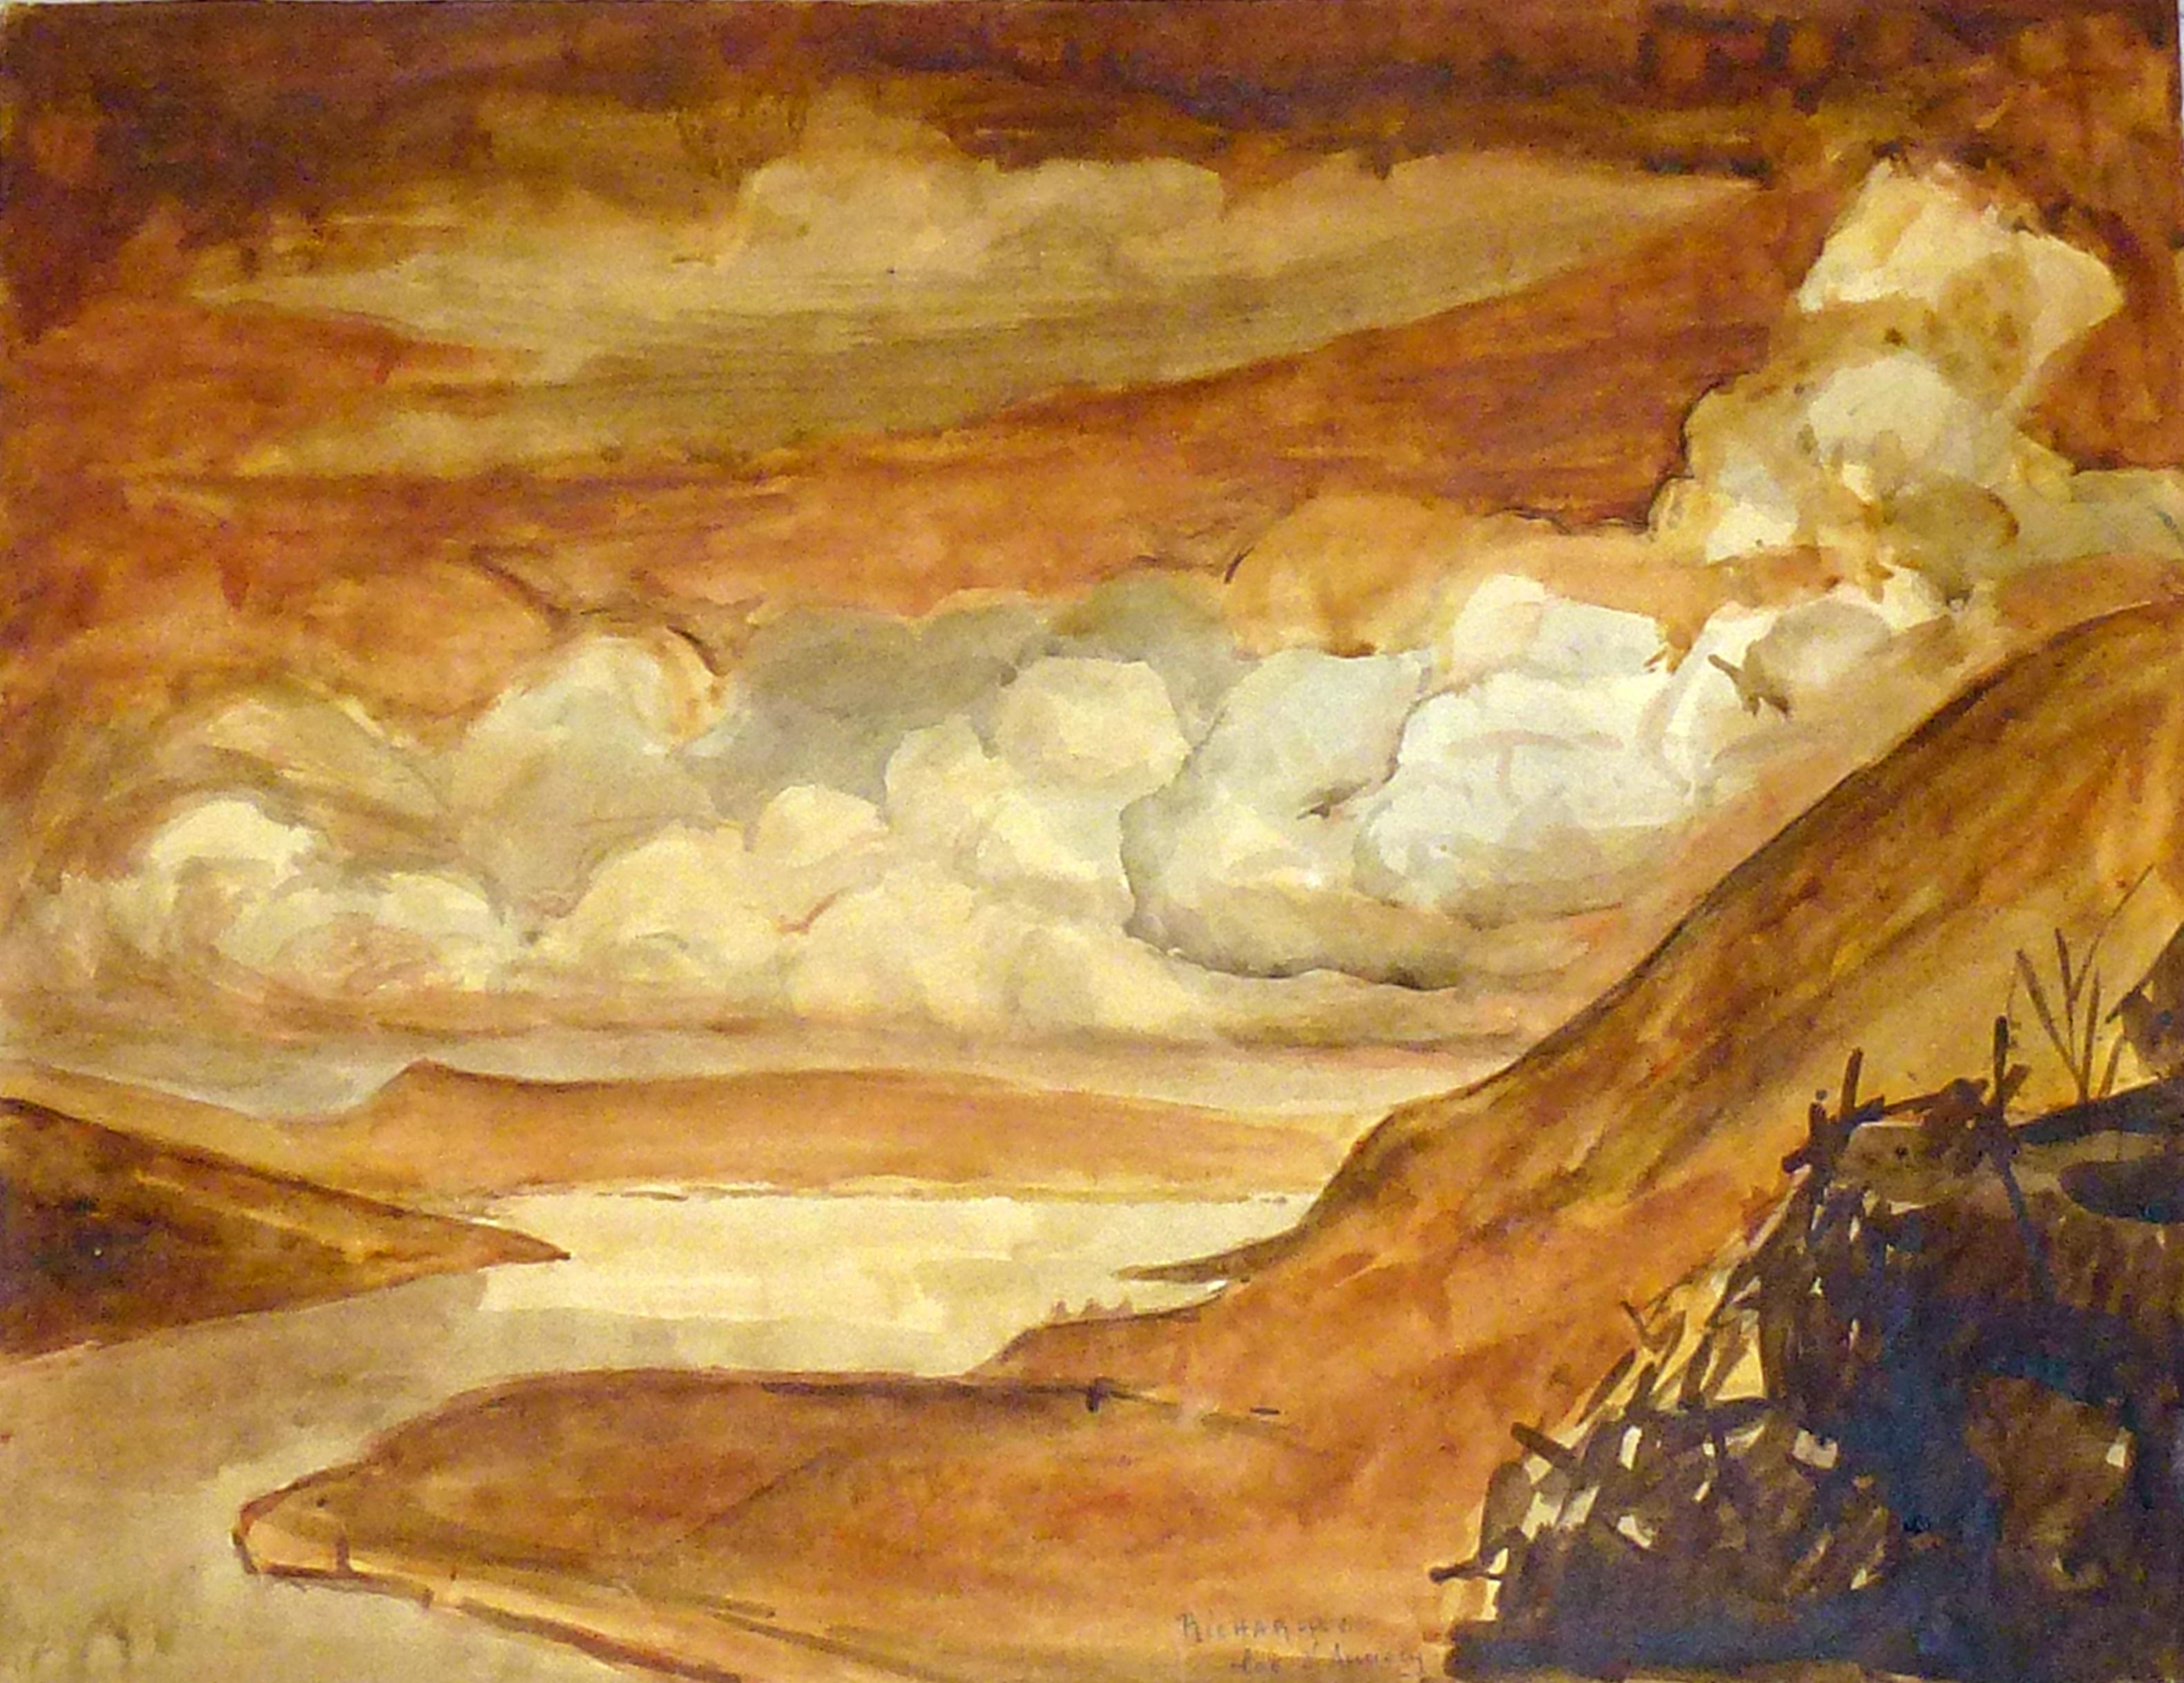 L'eau du lac, l'eau du ciel : lecture autour de Richarme, musée Fabre, 19 mai 2019